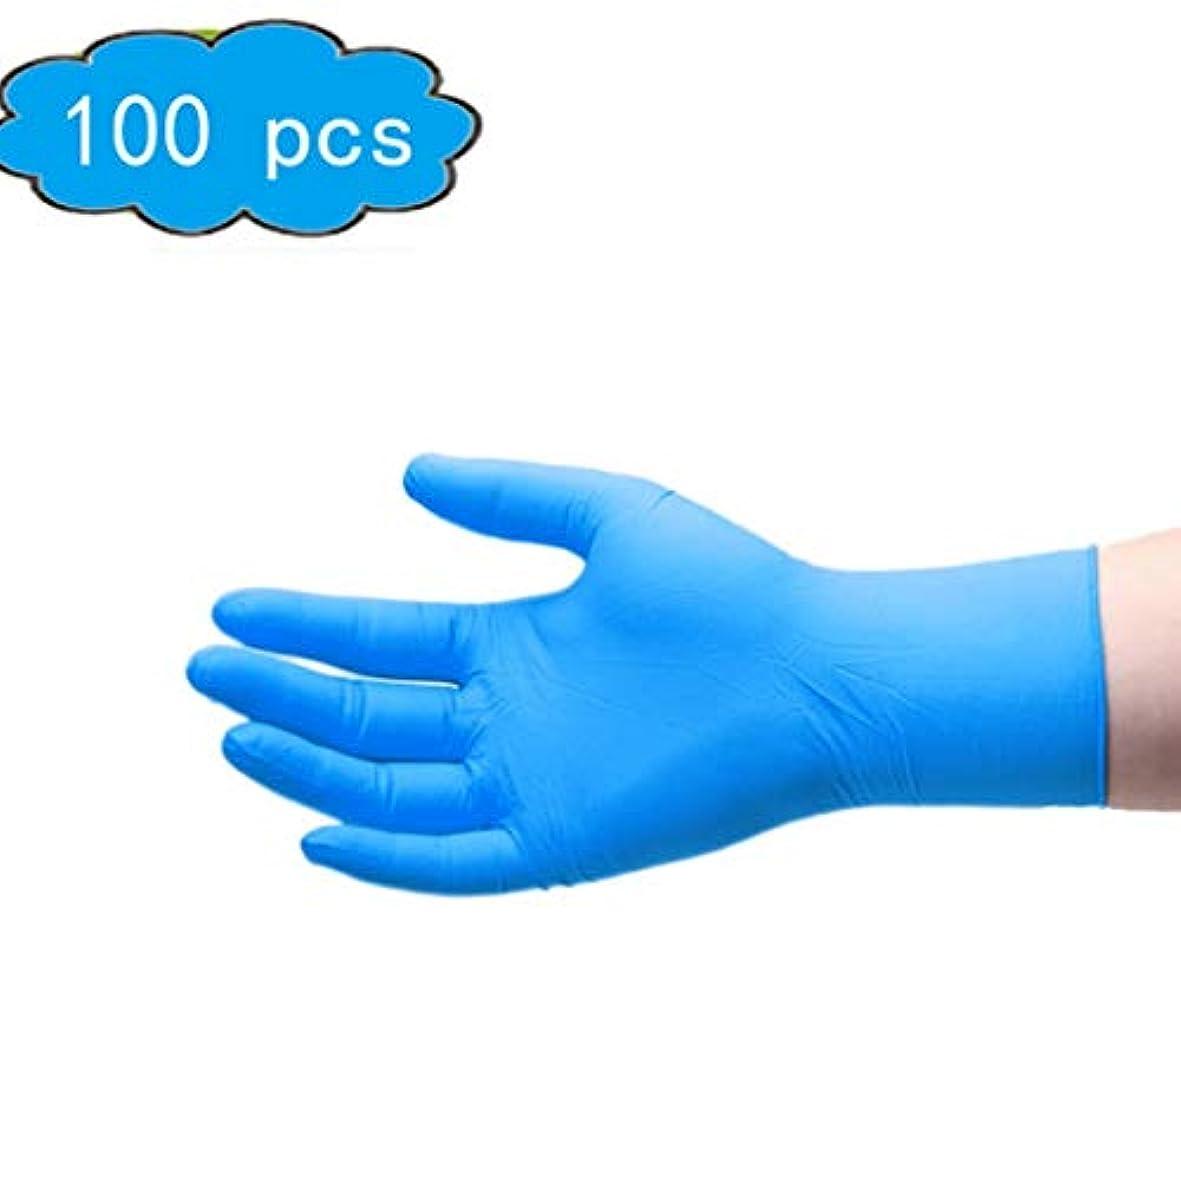 ランプ動物園オレンジ使い捨てニトリル試験手袋、5 Mil、医療グレード、ラテックスフリー、パウダーフリー、食品安全(100個入り)、ラボ、安全&作業用手袋、家庭用品 (Color : Blue, Size : XS)